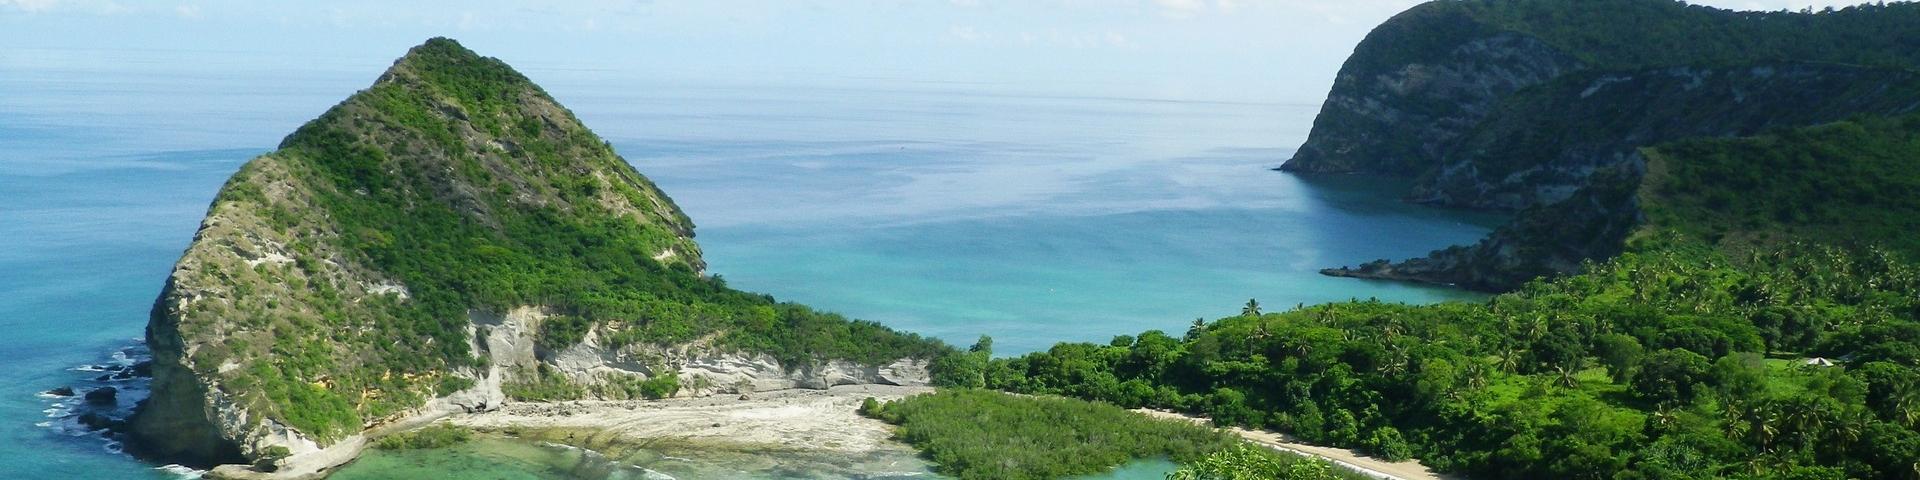 Cratères de Moya, Mayotte